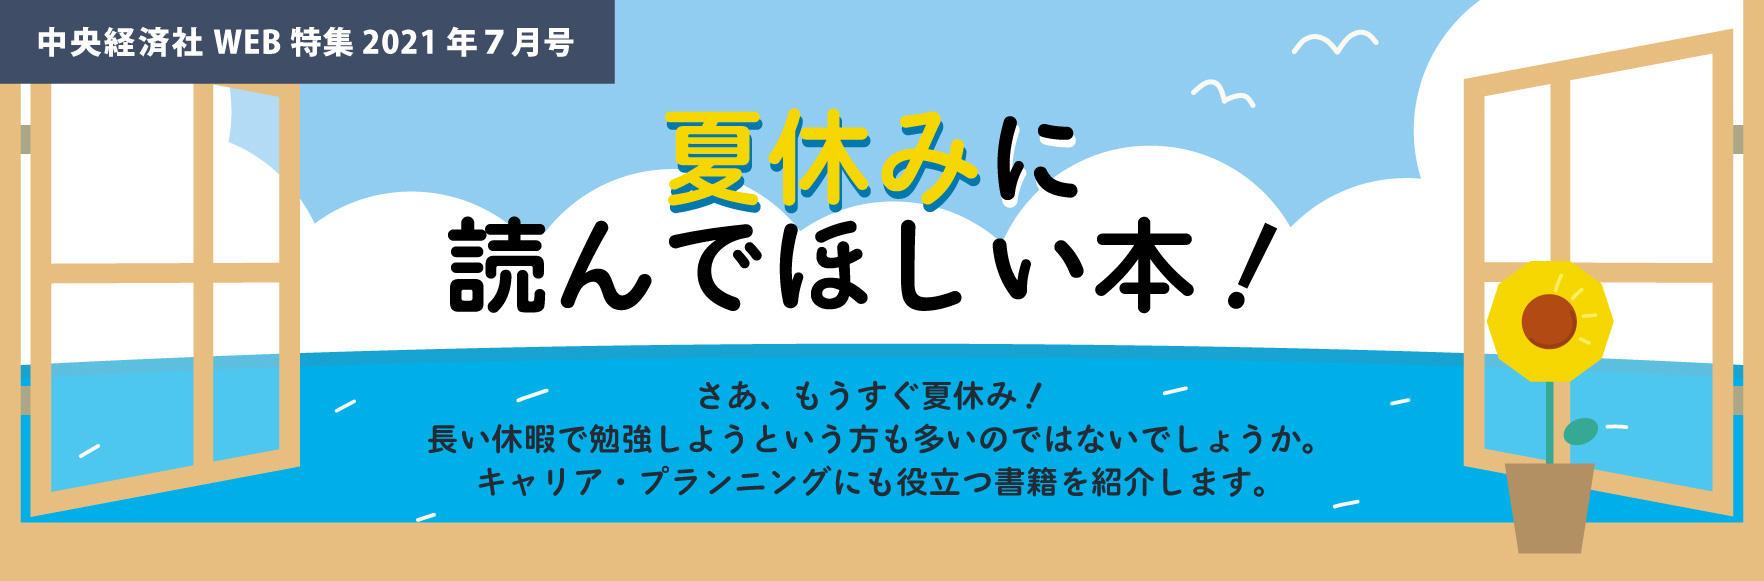 2021年7月号特集夏休みに読んでほしい本!